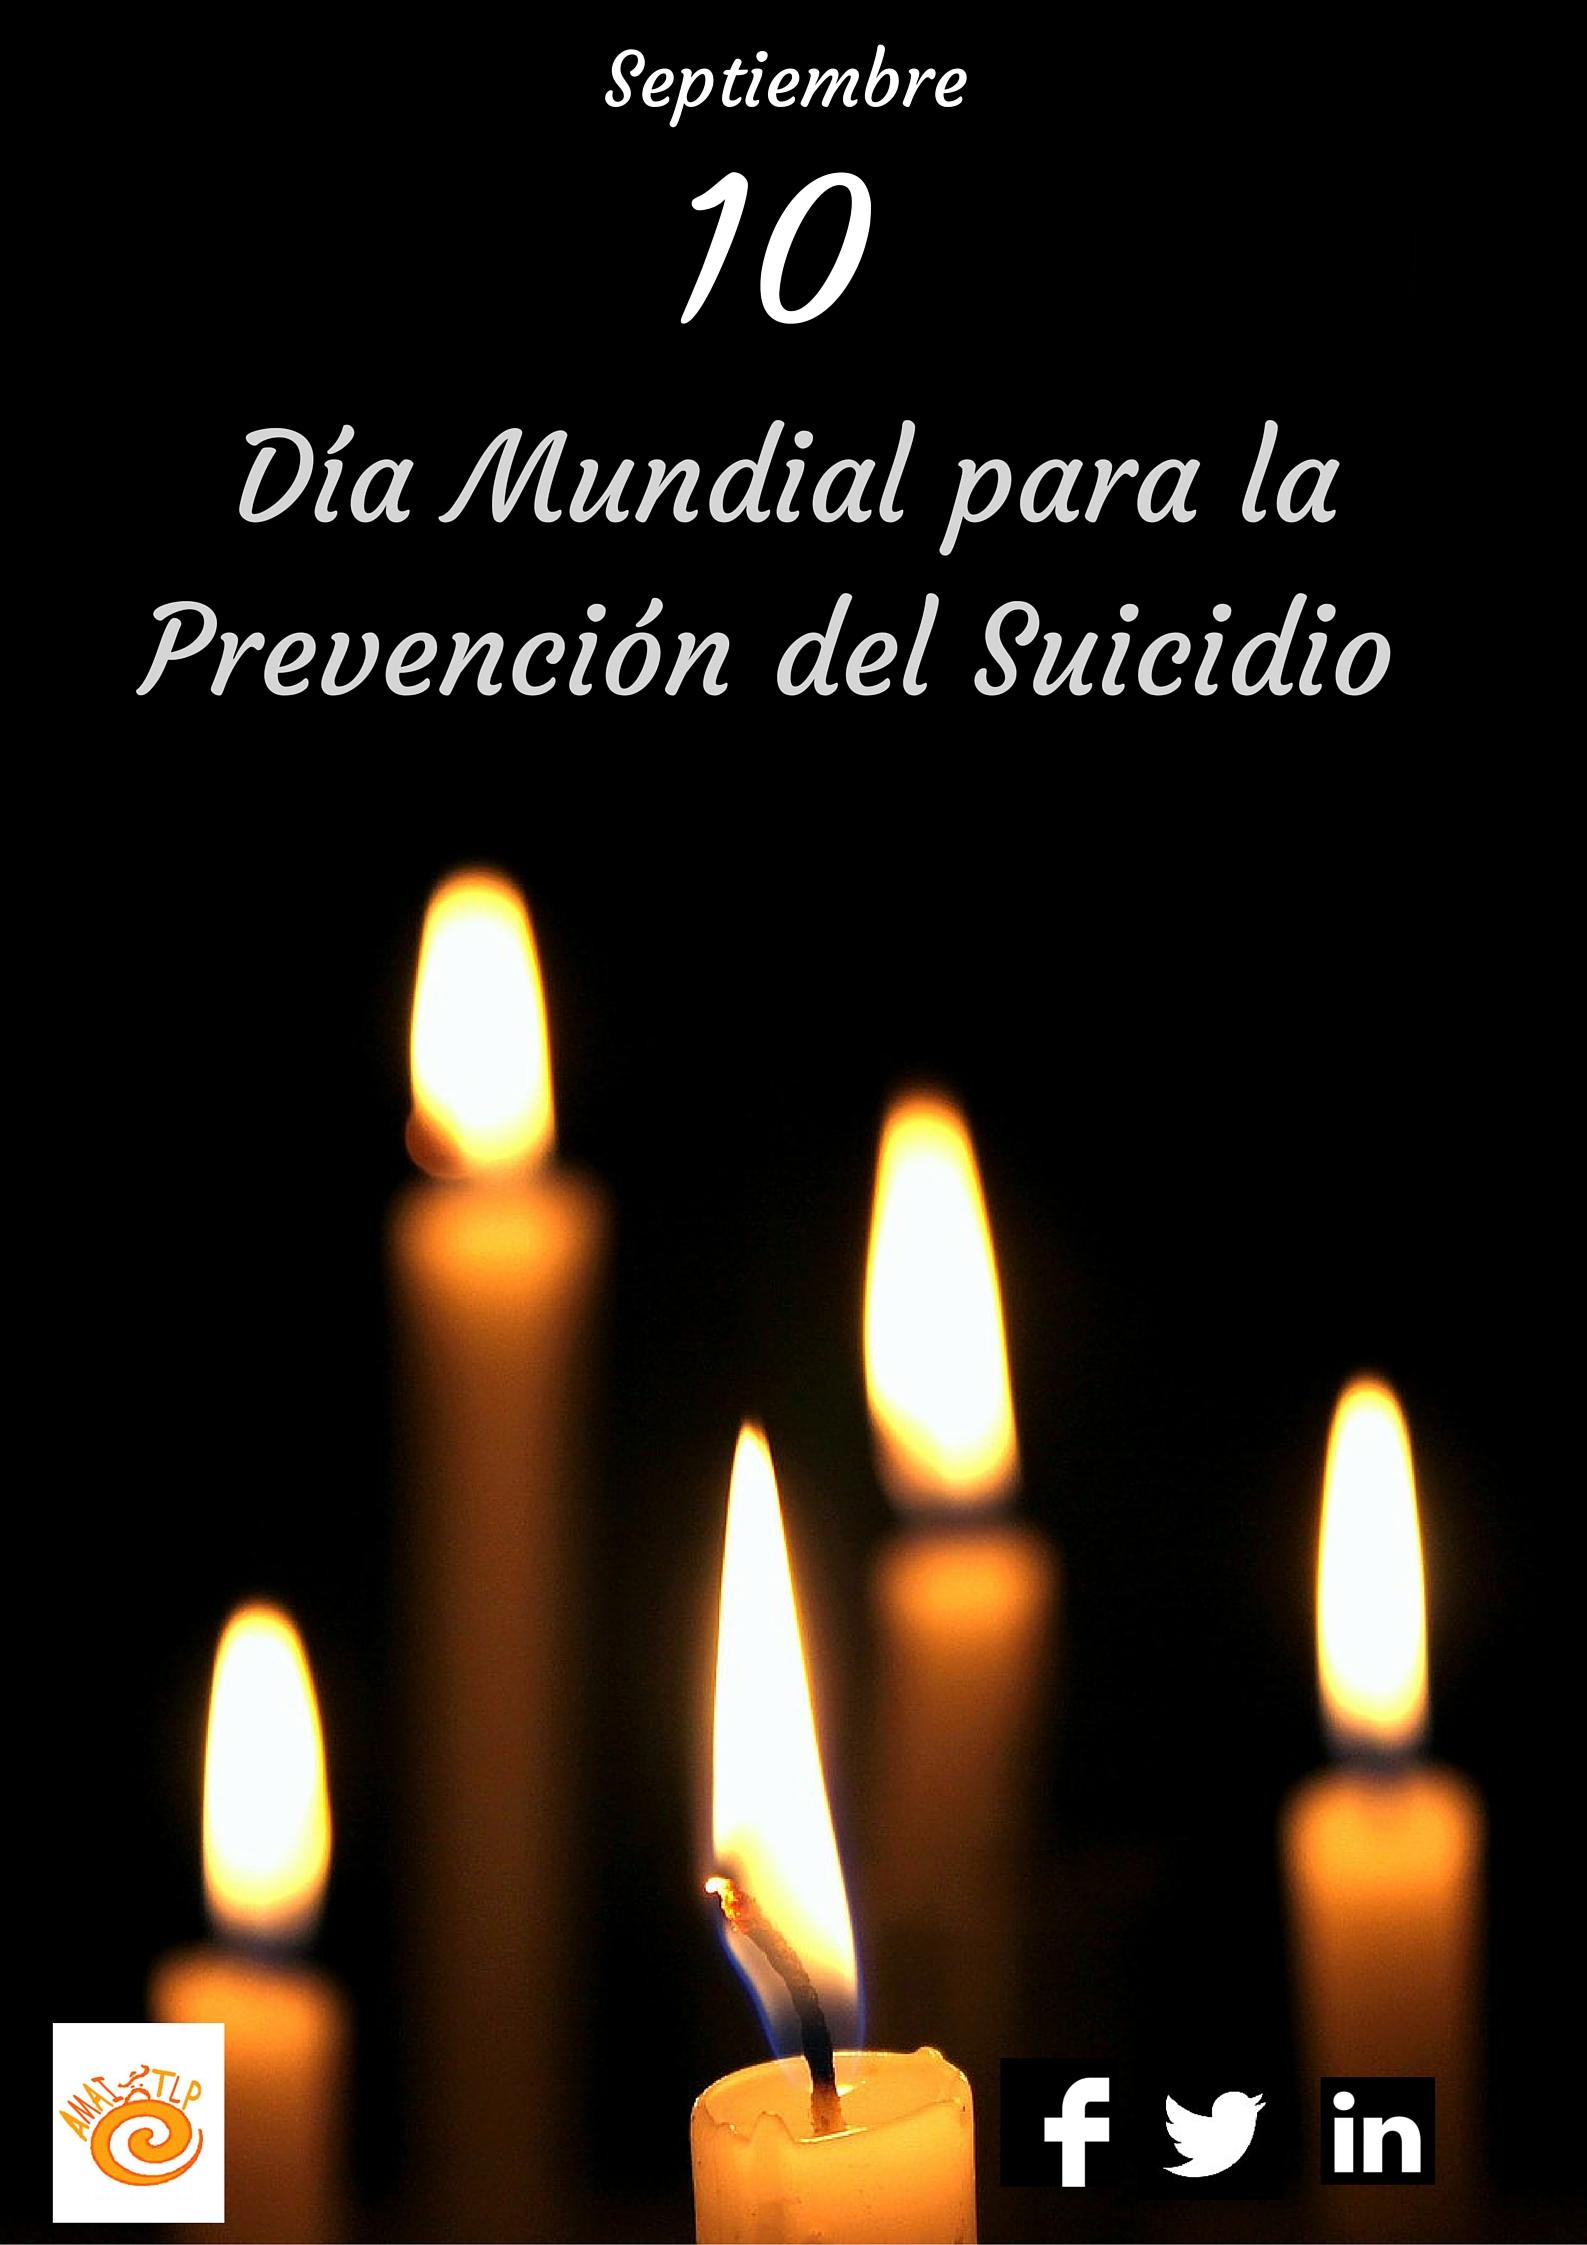 Día Mundial para la Prevención del Suicidio*